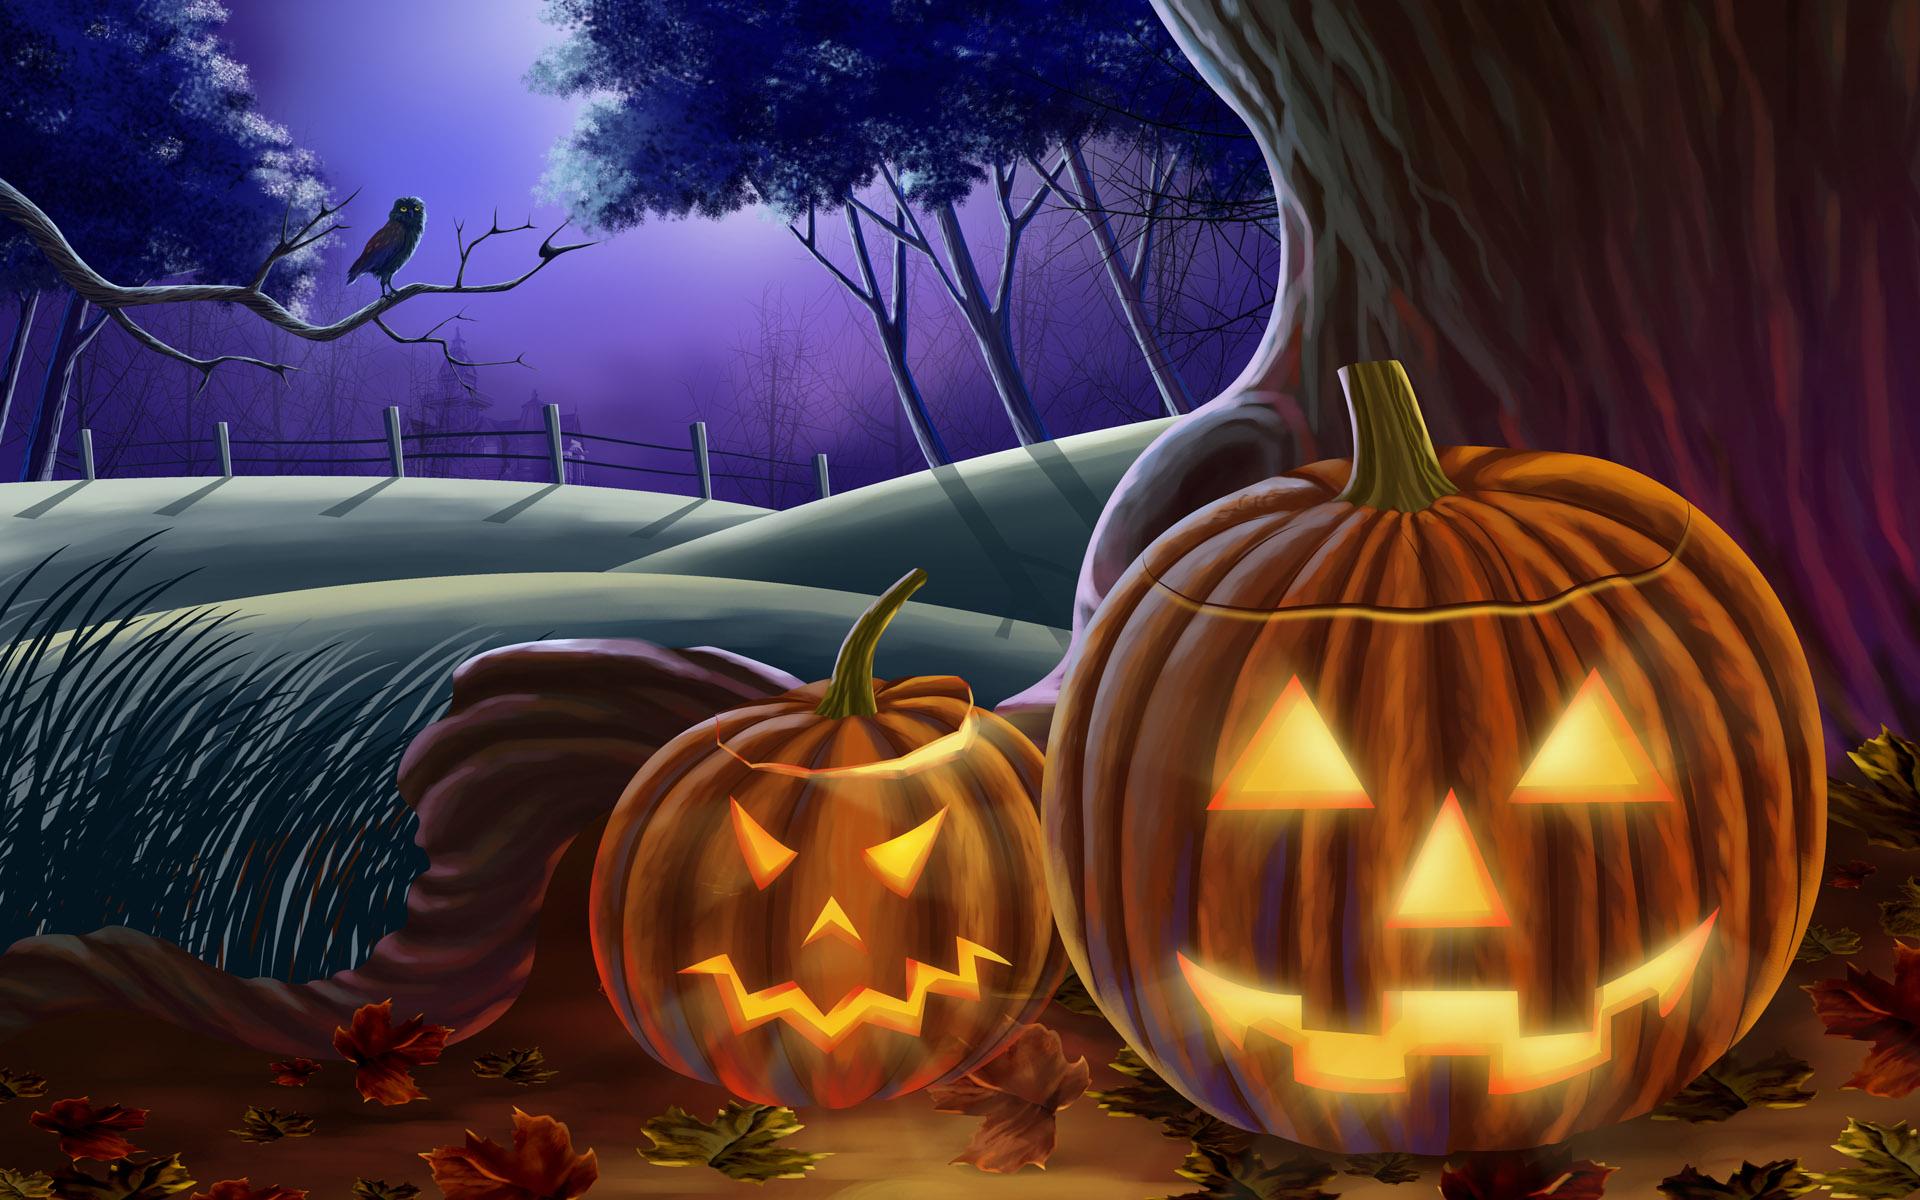 Halloween Hd Wallpaper 3328 1920x1200 px ~ HDWallSource.com